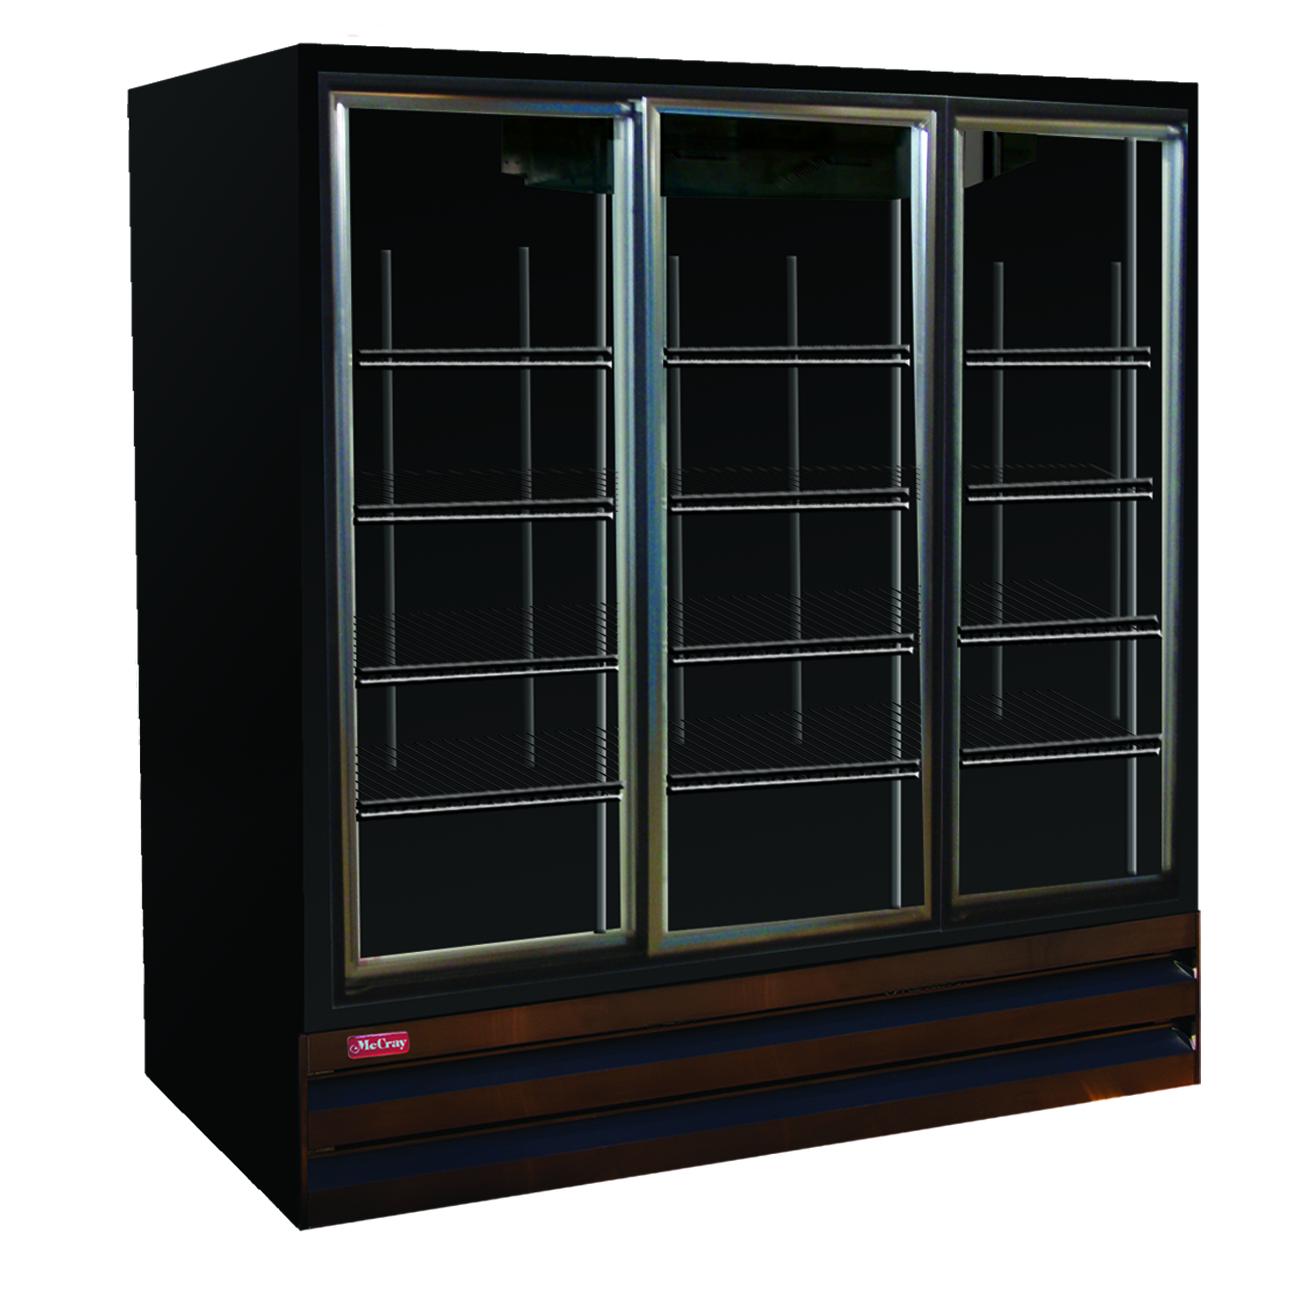 Howard-McCray GSR48BM-B refrigerator, merchandiser